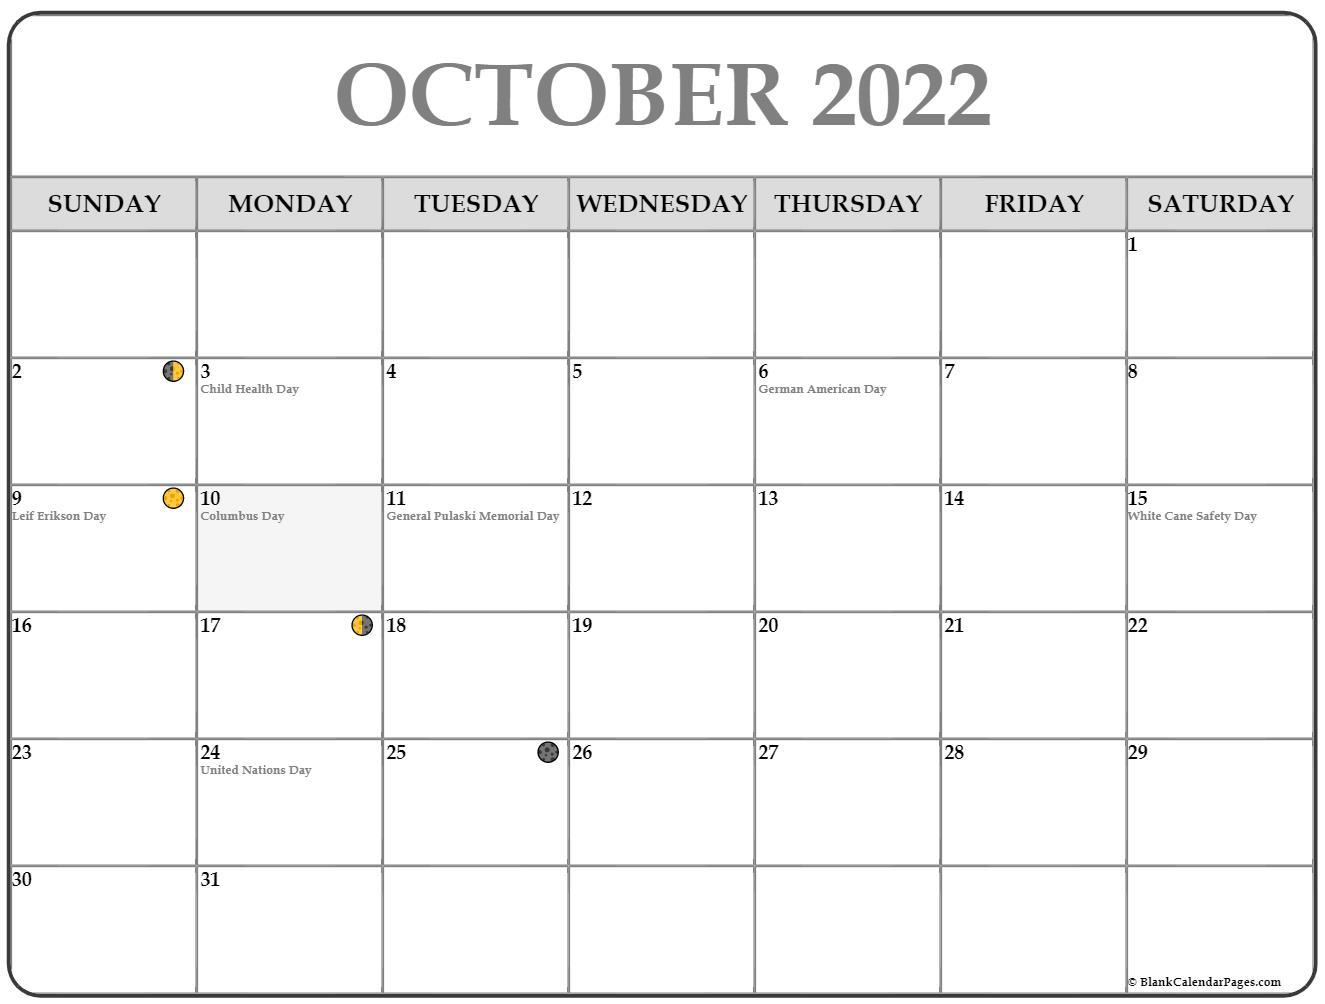 Moon Calendar October 2022.October 2022 Lunar Calendar Moon Phase Calendar